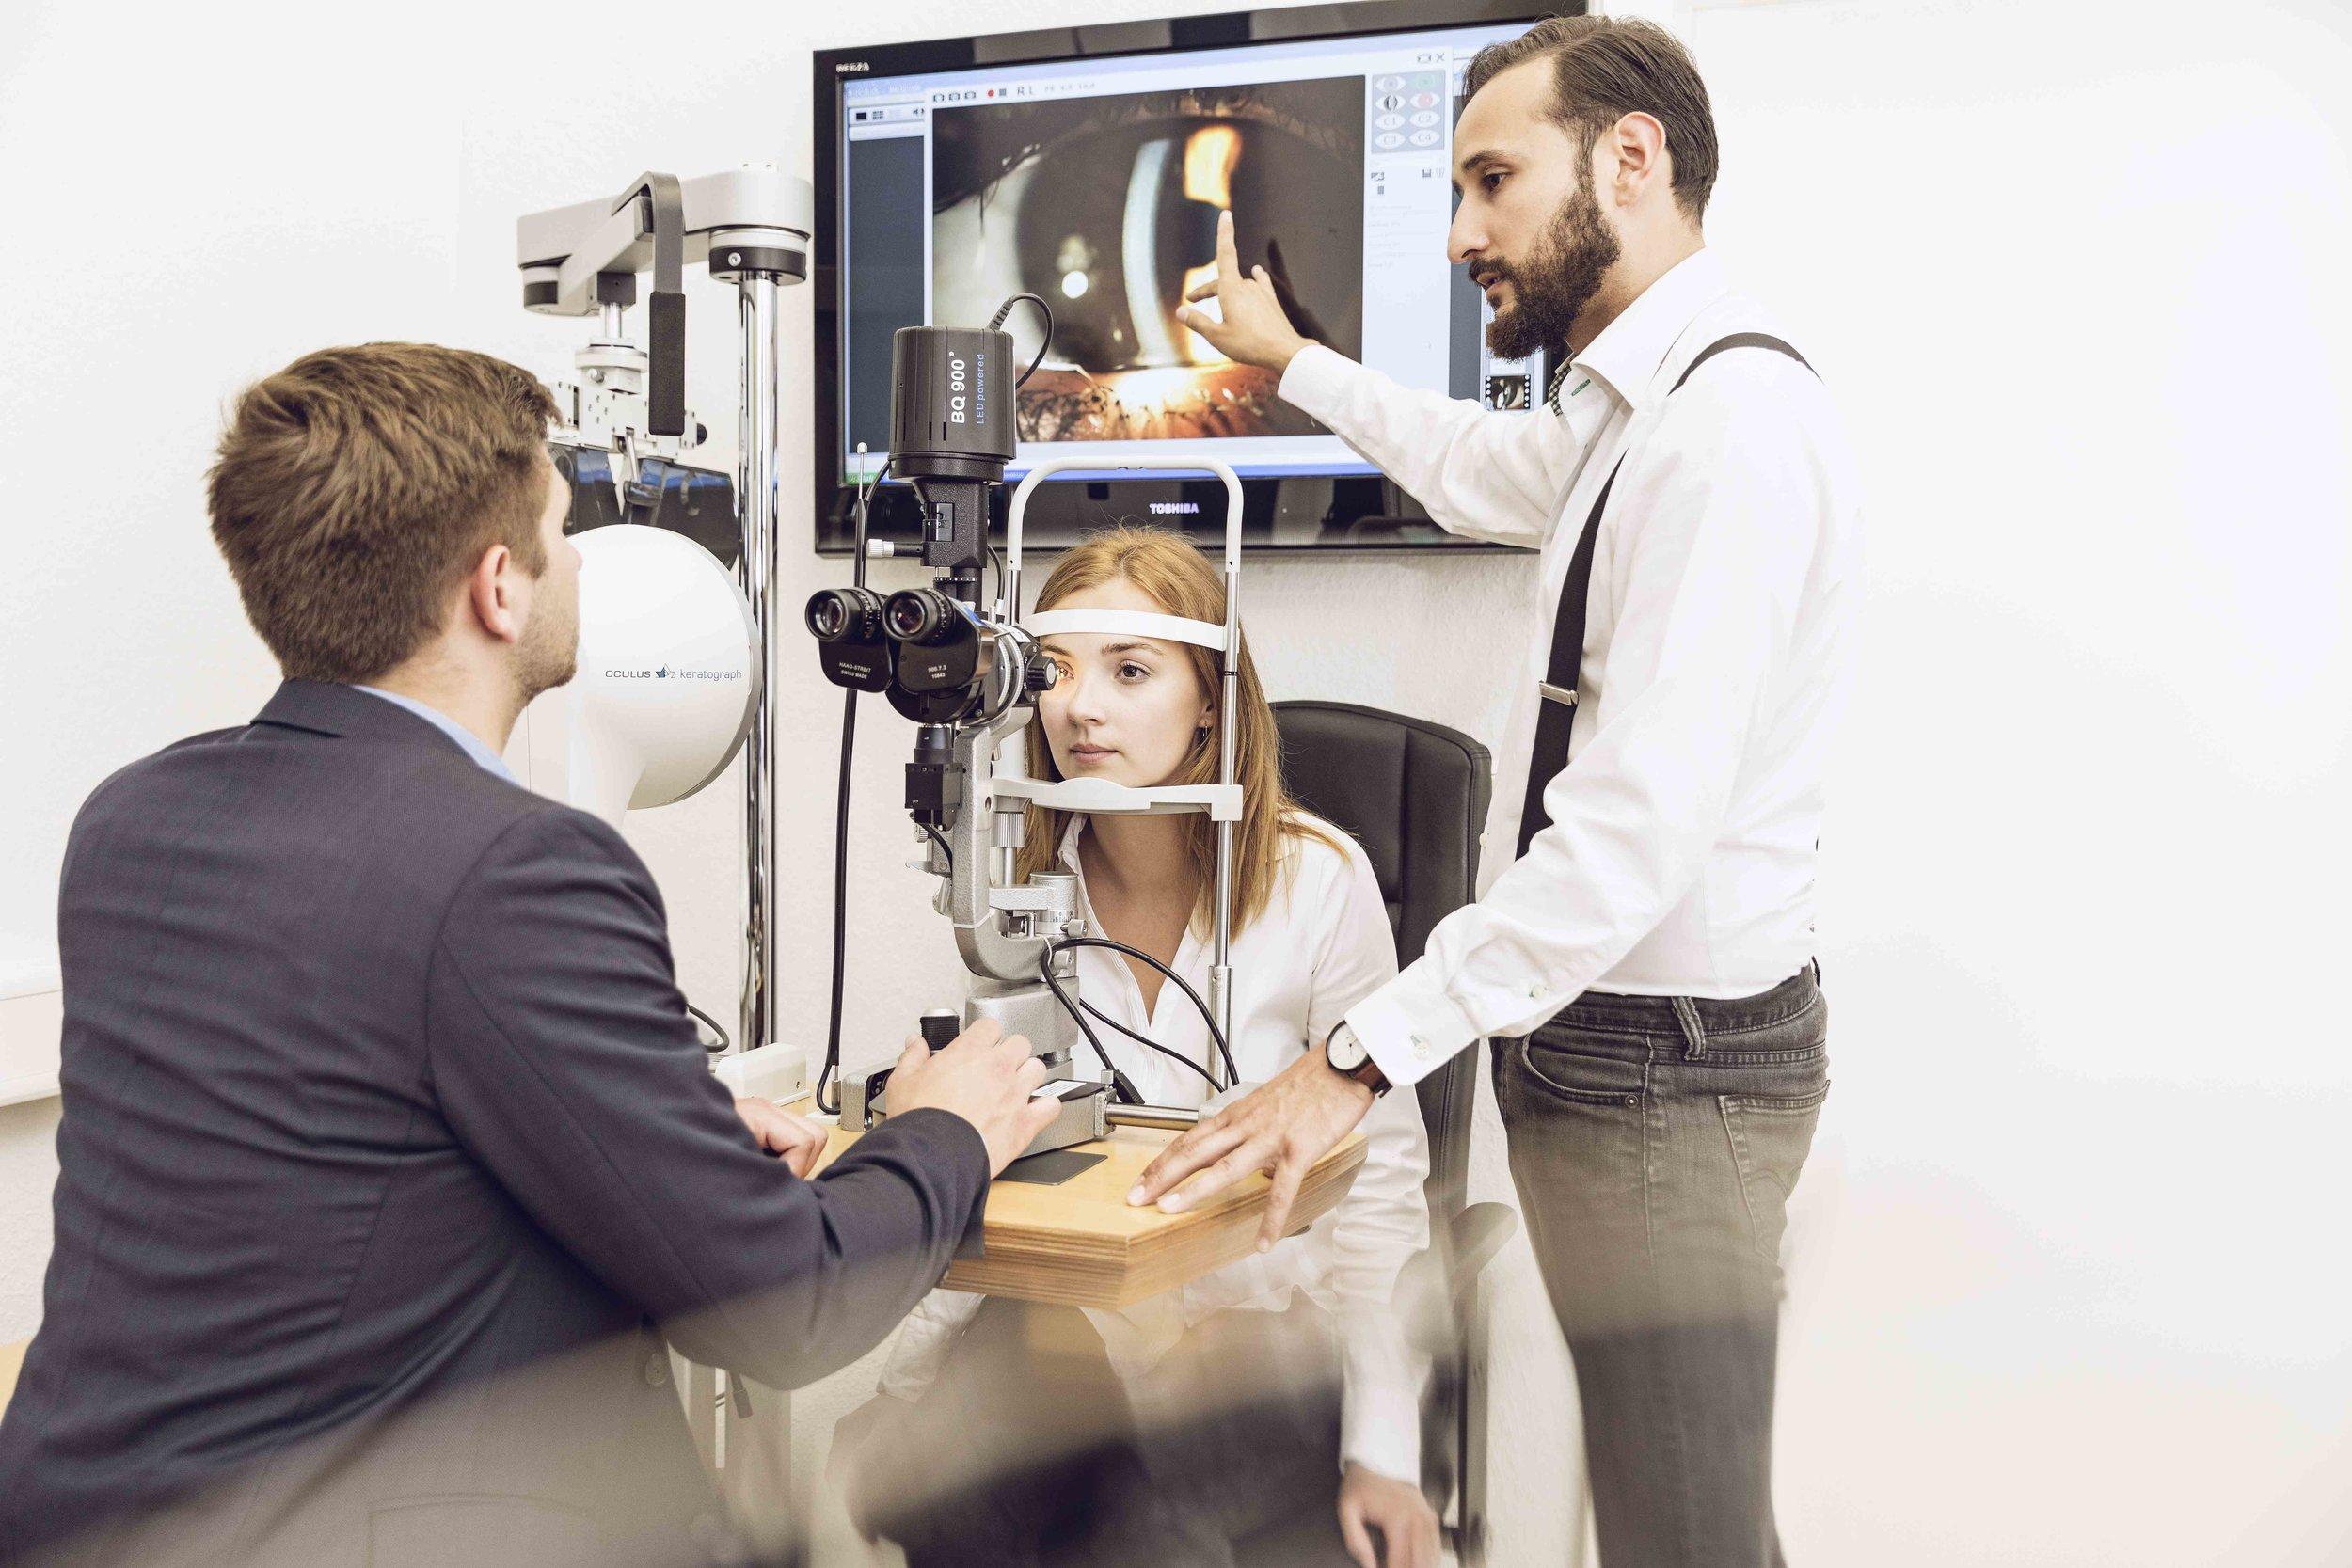 Bachelor of Science Augenoptik und Optometrie - → Für Augenoptikergesellen/innen→ Berufsbegleitend oder Vollzeit→ Studienstart 1. Semester: 21.10.2019